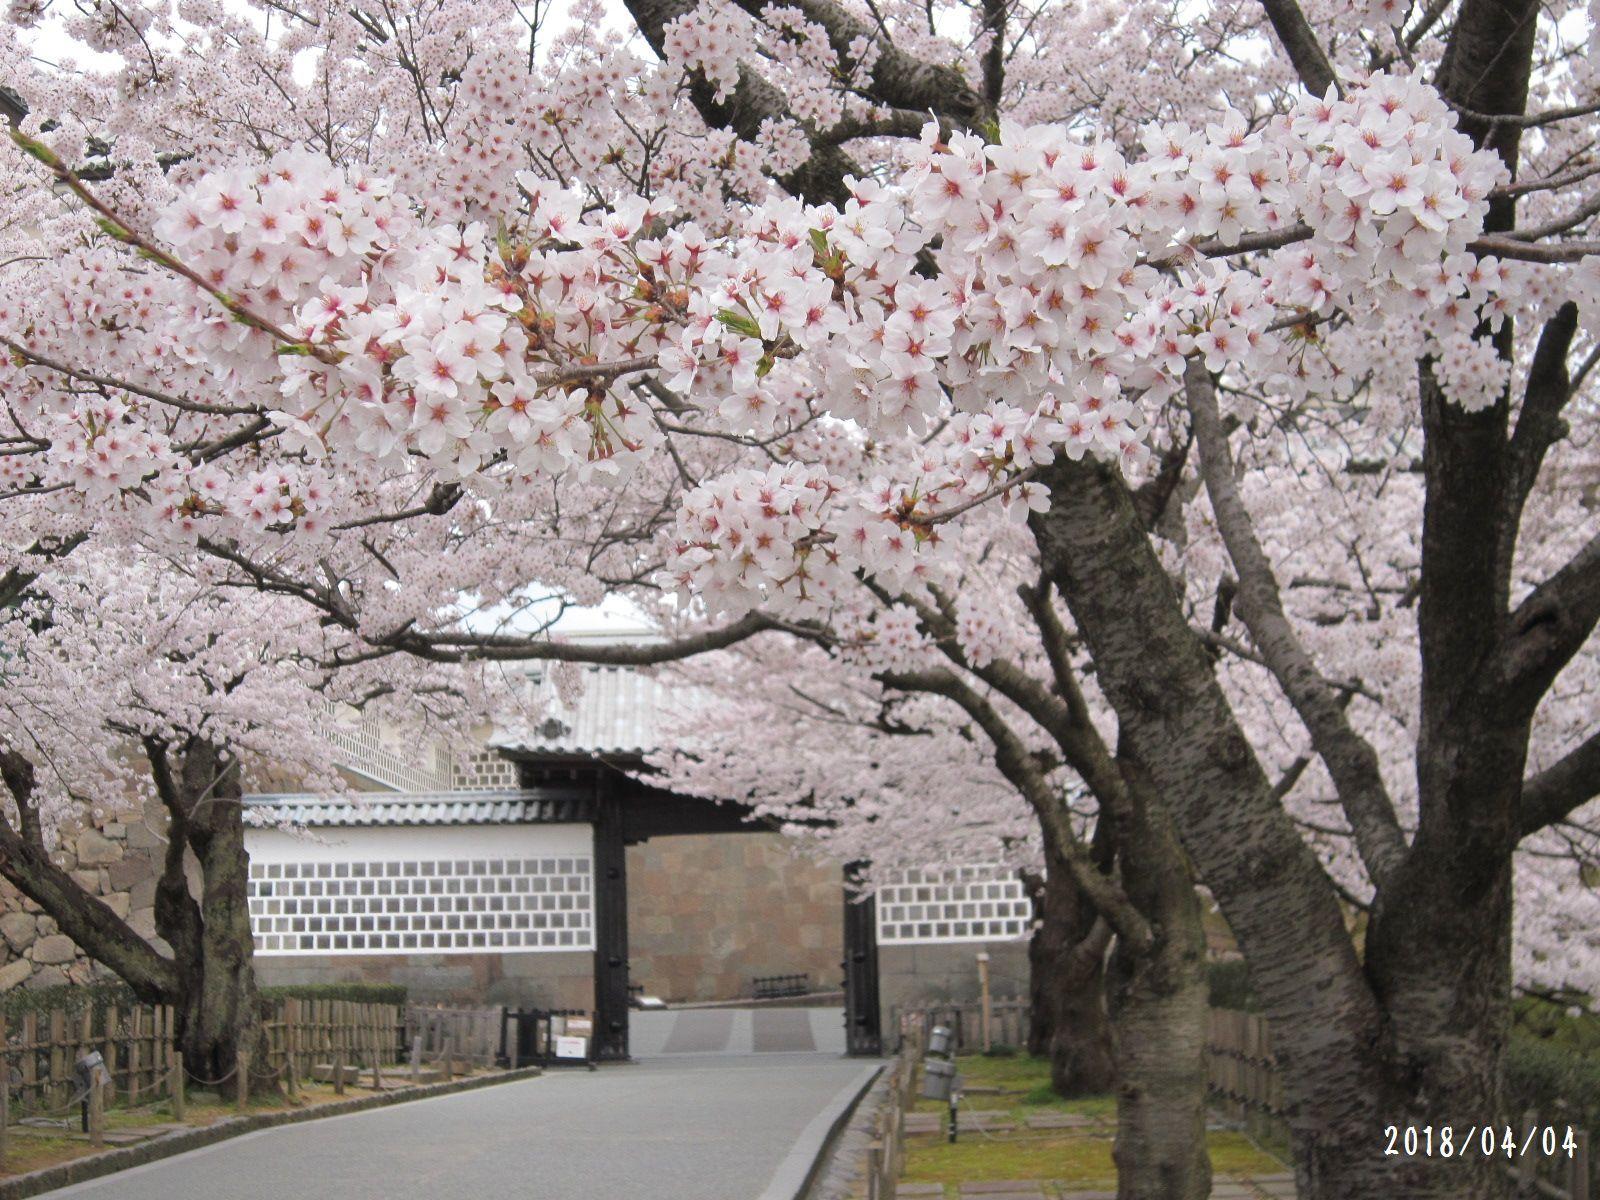 桜だより❀ 満開です❀ (4月7日 追記あり)  _a0207574_16433682.jpg